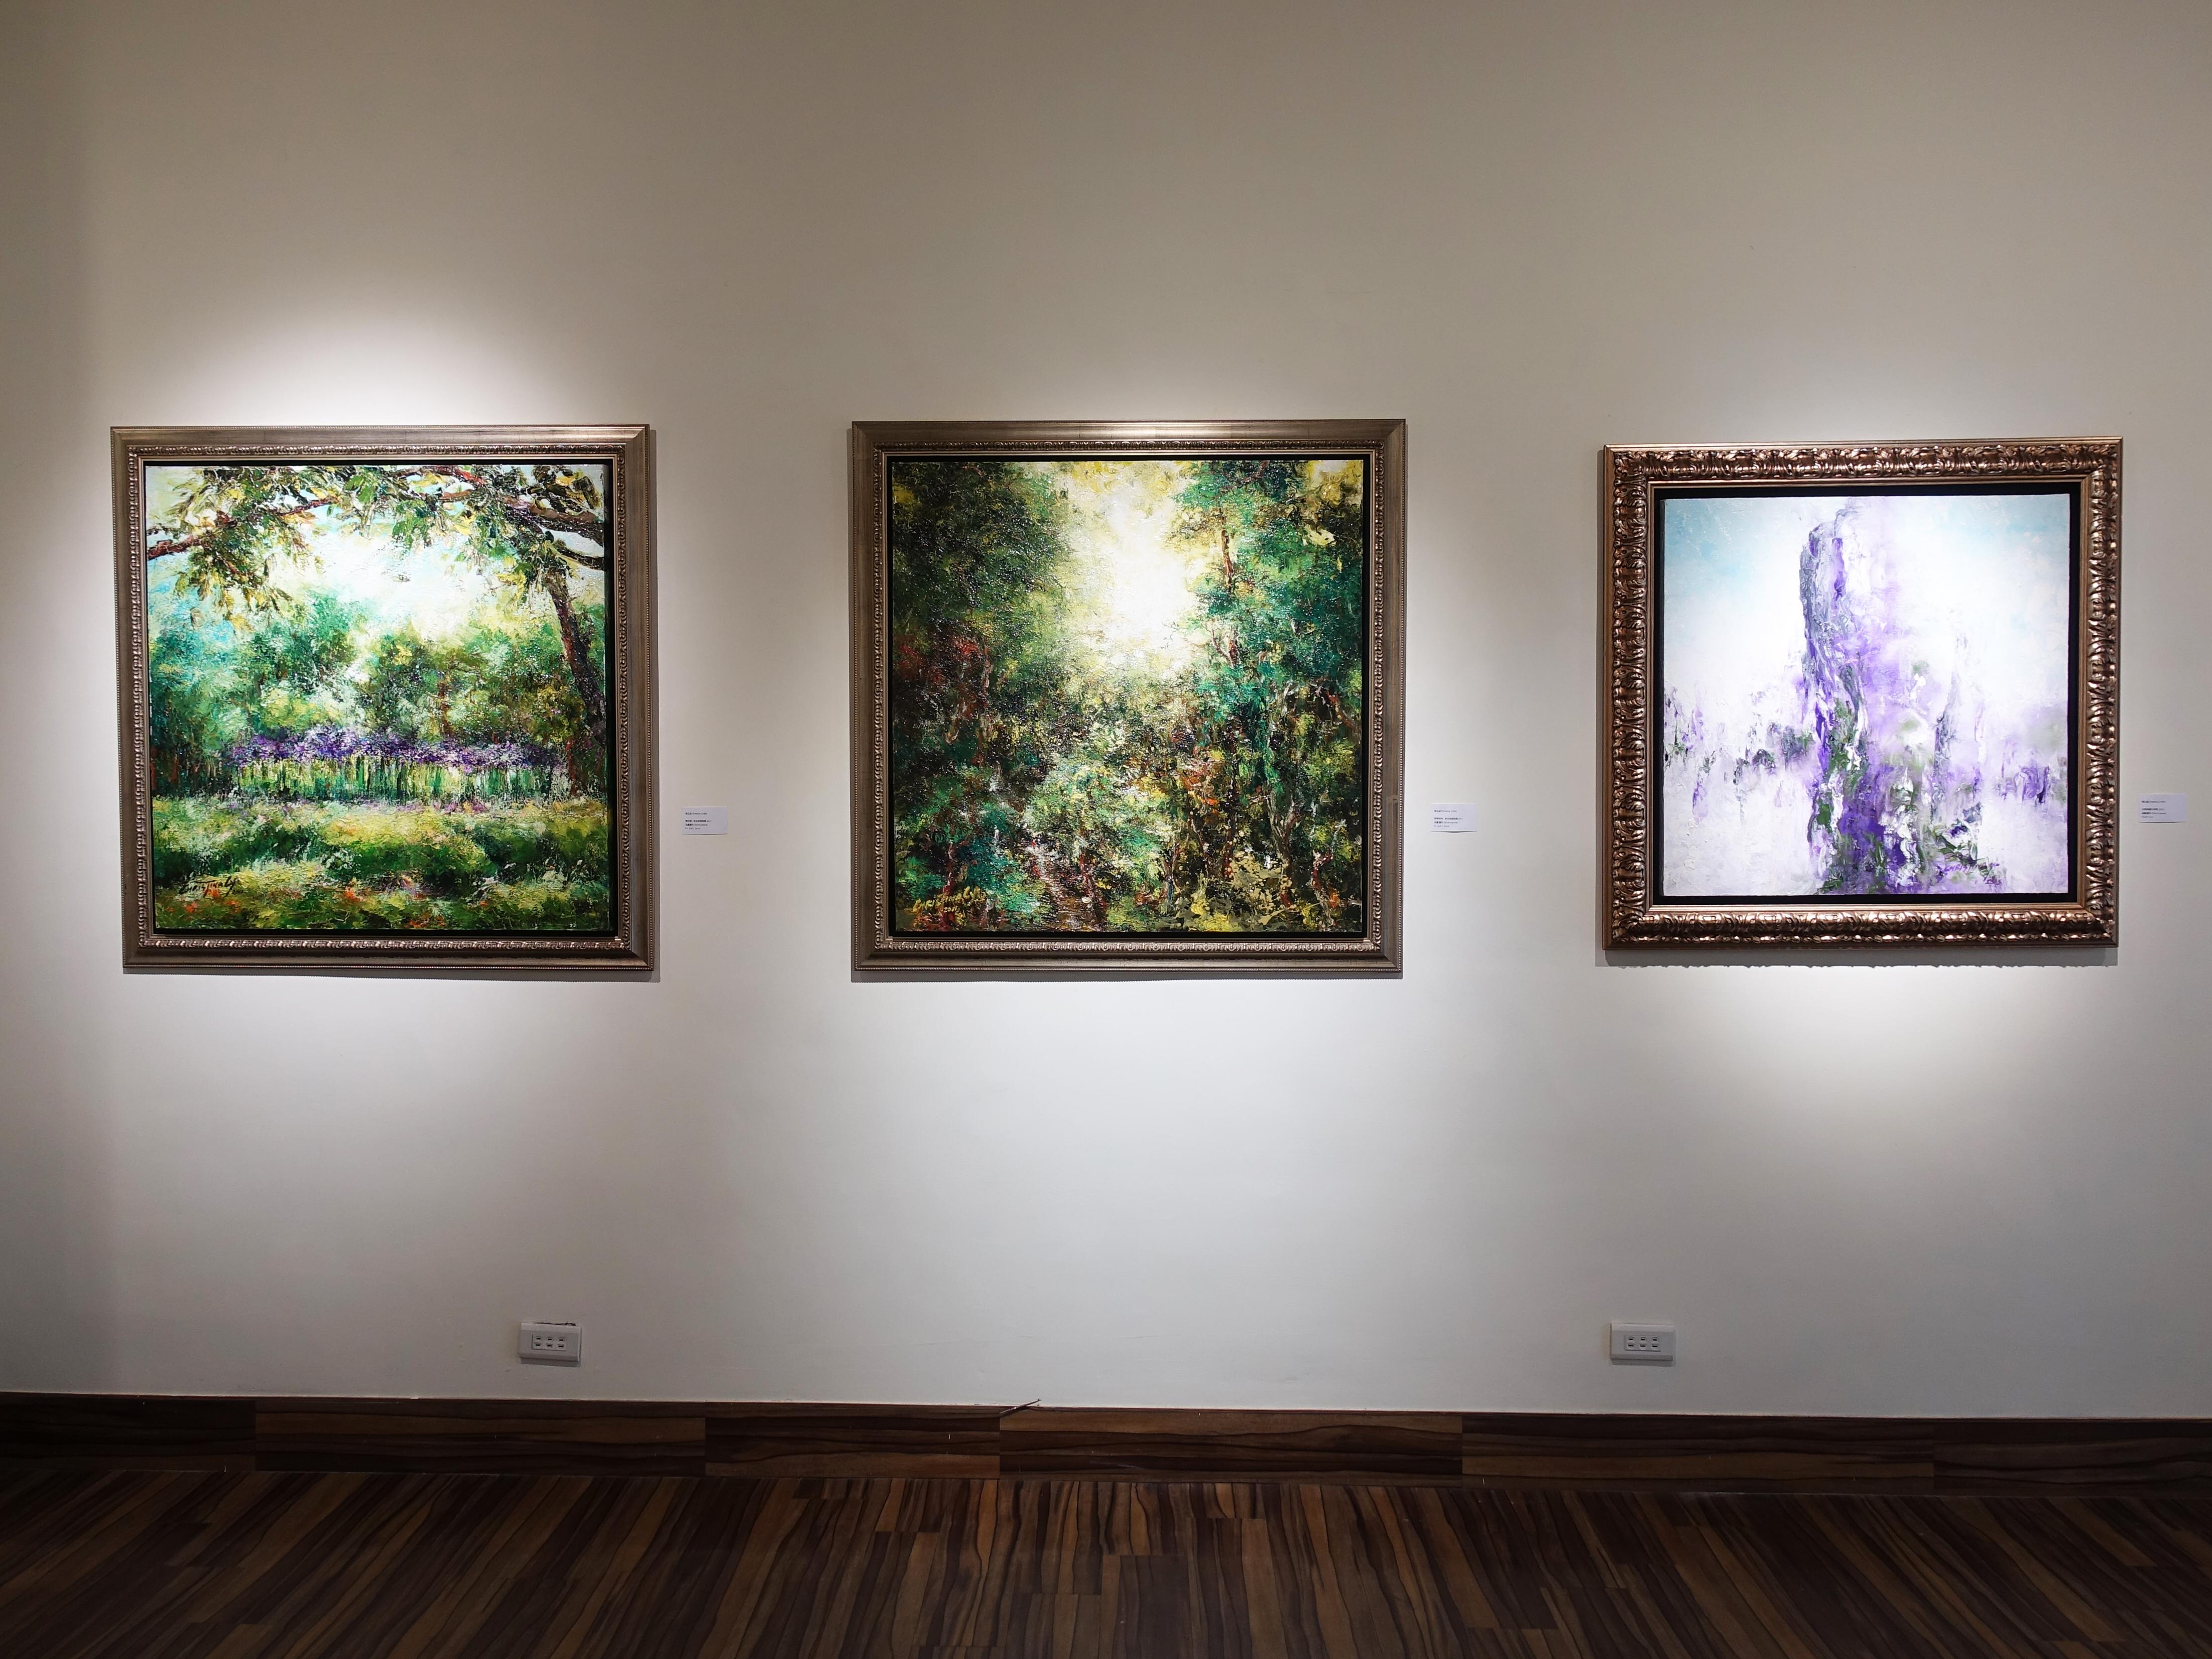 藝術家陳玉庭於藝星藝術中心展出油畫系列作品。